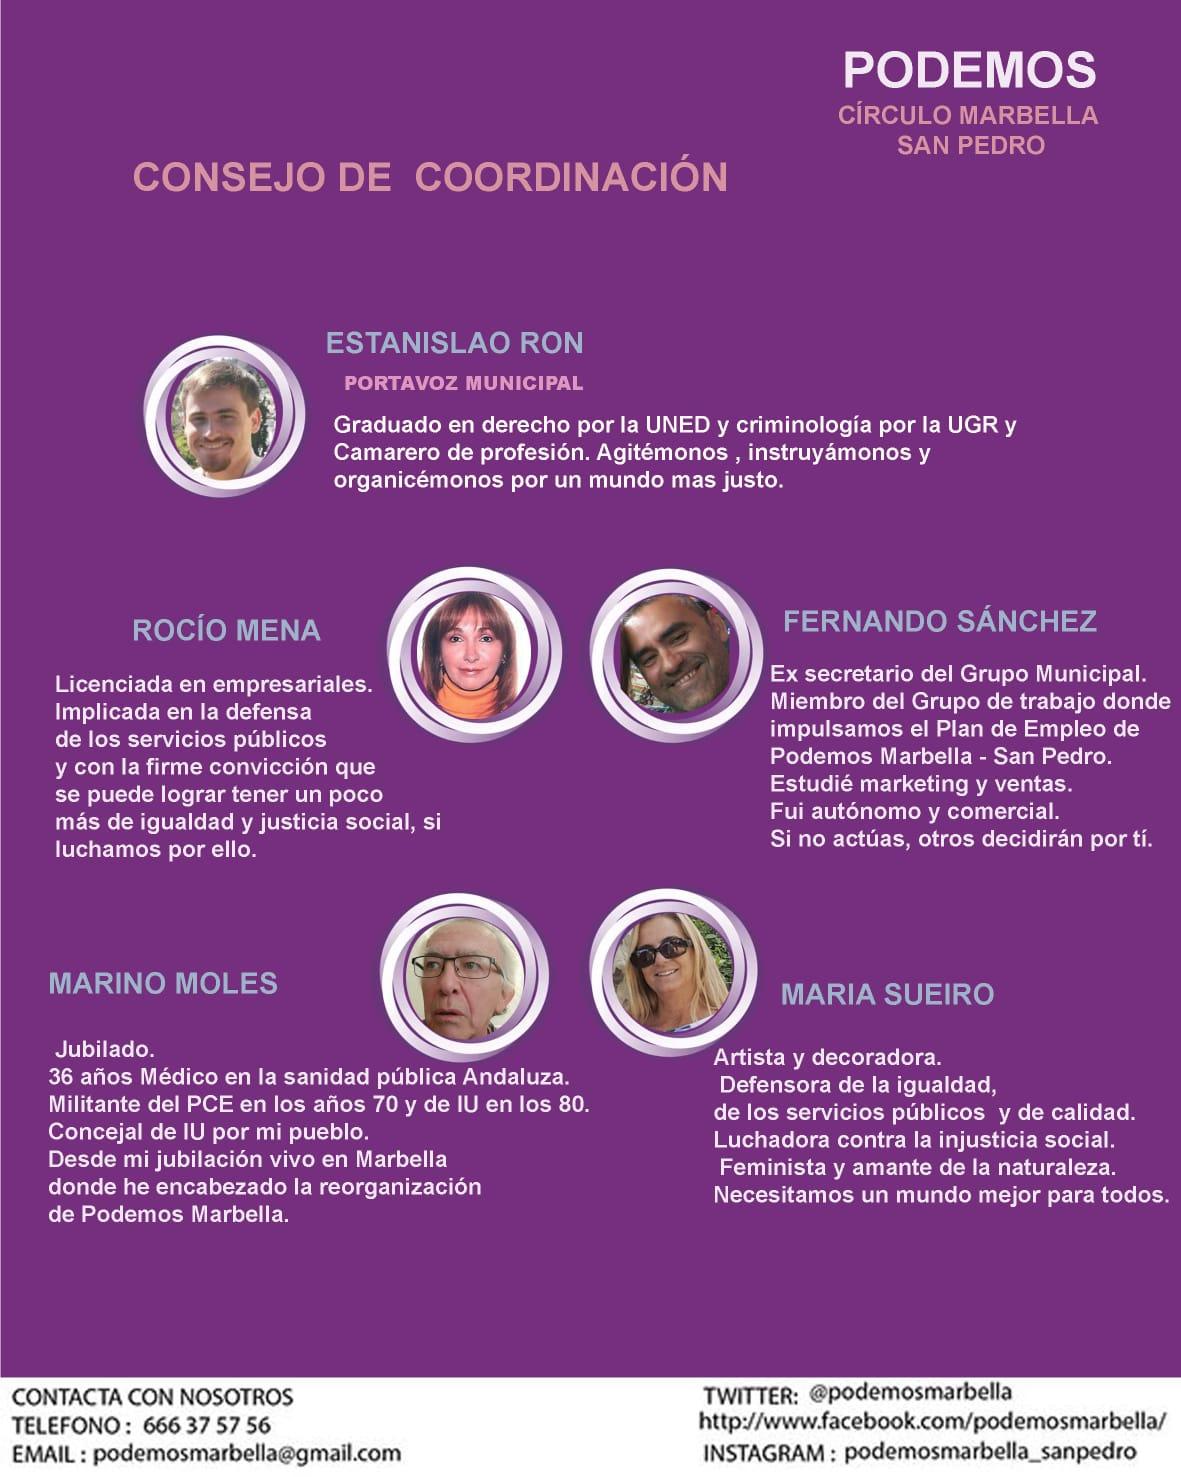 Estanislao Ron nuevo portavoz de Podemos en Marbella y San Pedro